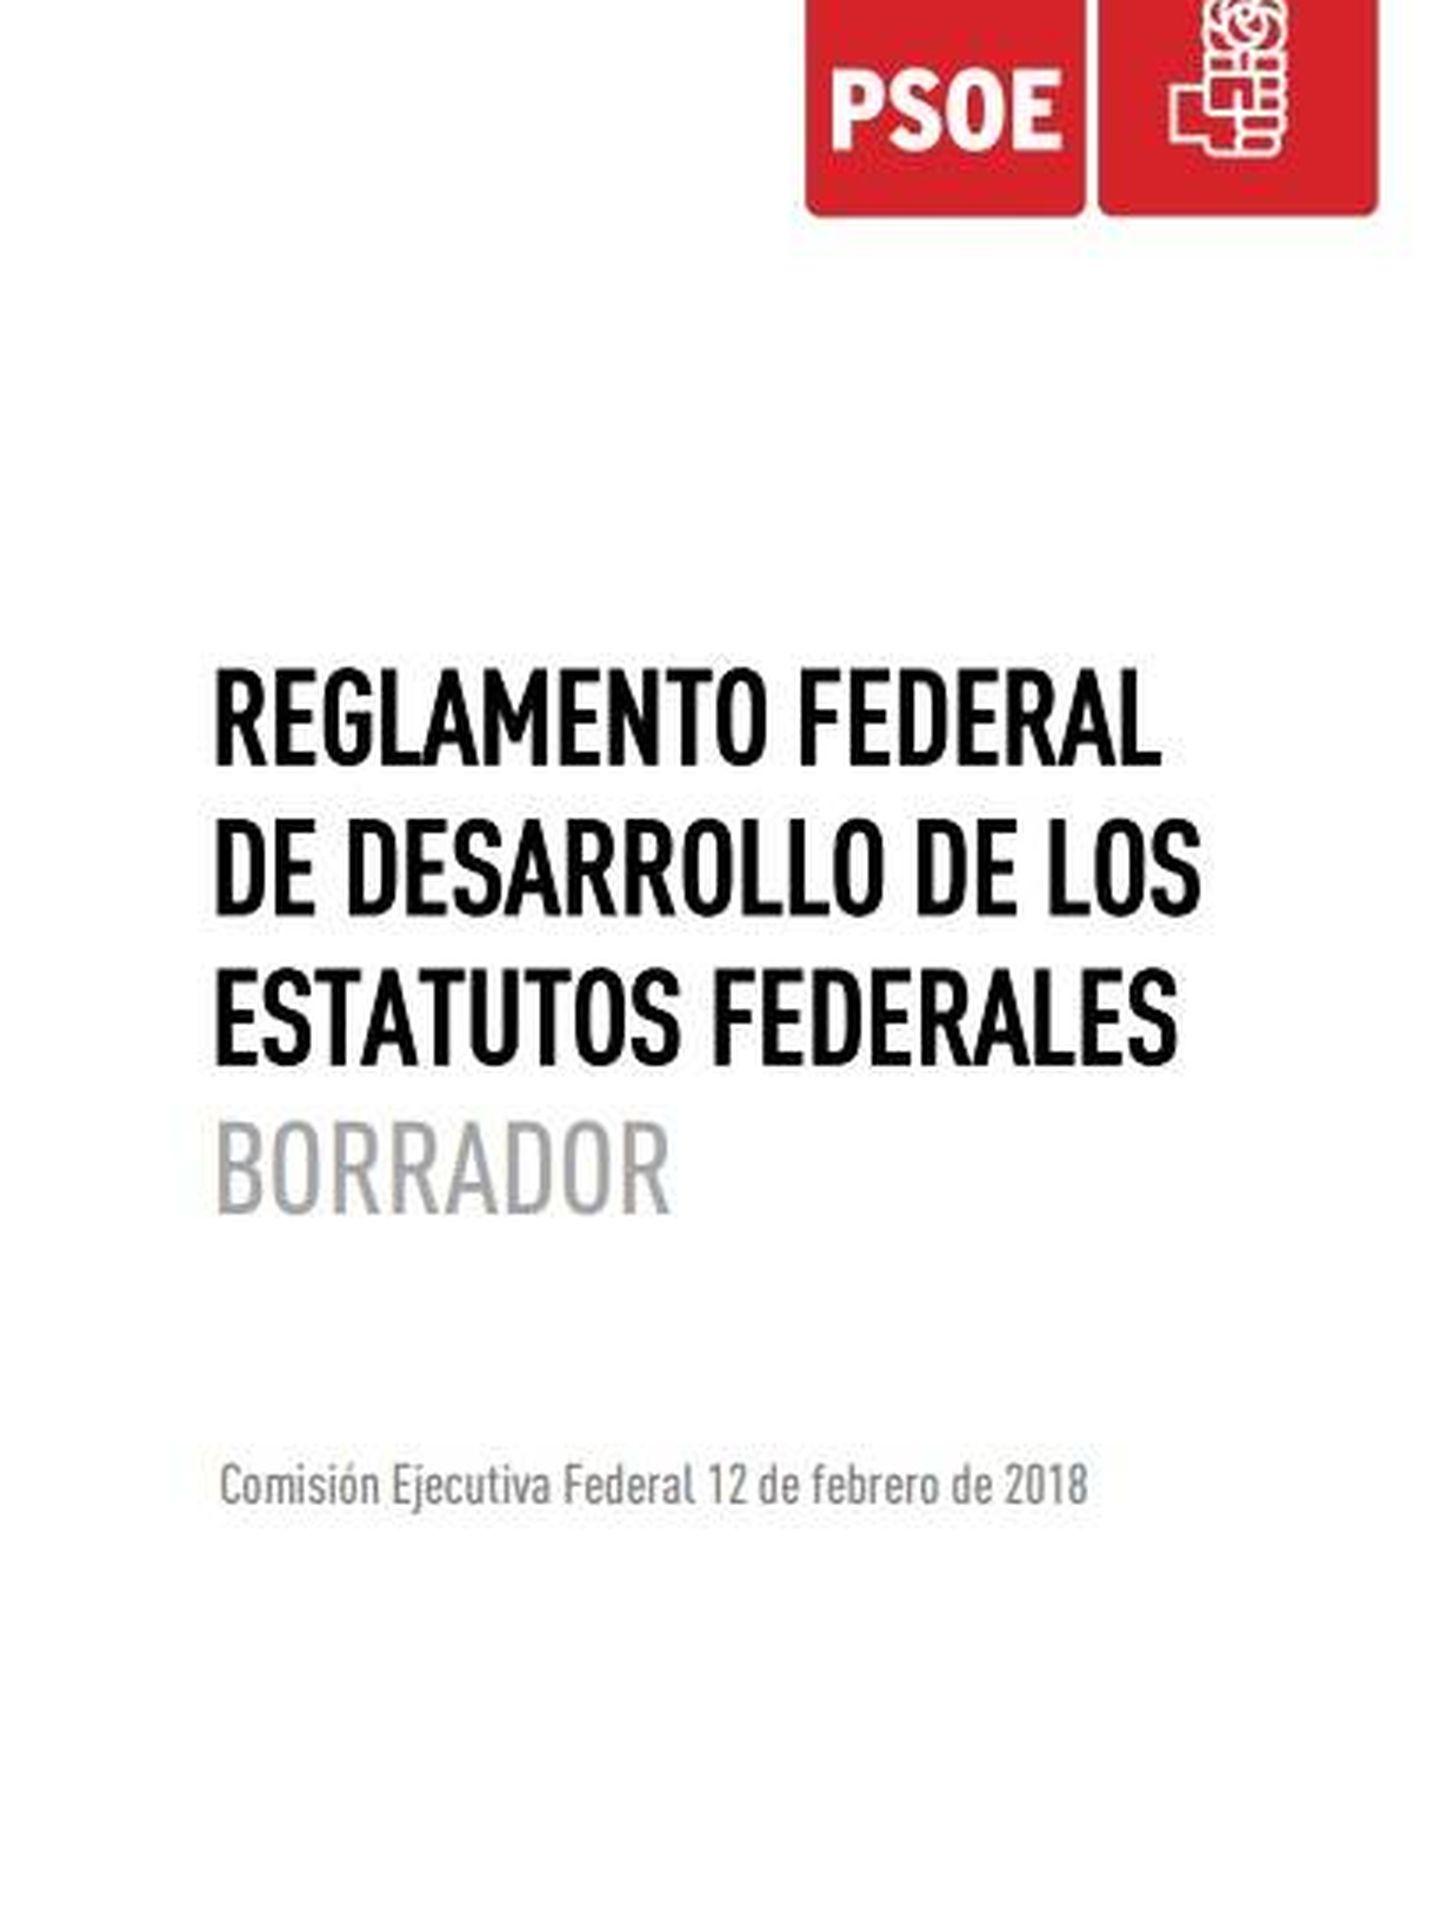 Pincha aquí para consultar en PDF el borrador de reglamento del PSOE aprobado por la ejecutiva de Pedro Sánchez. (EC)